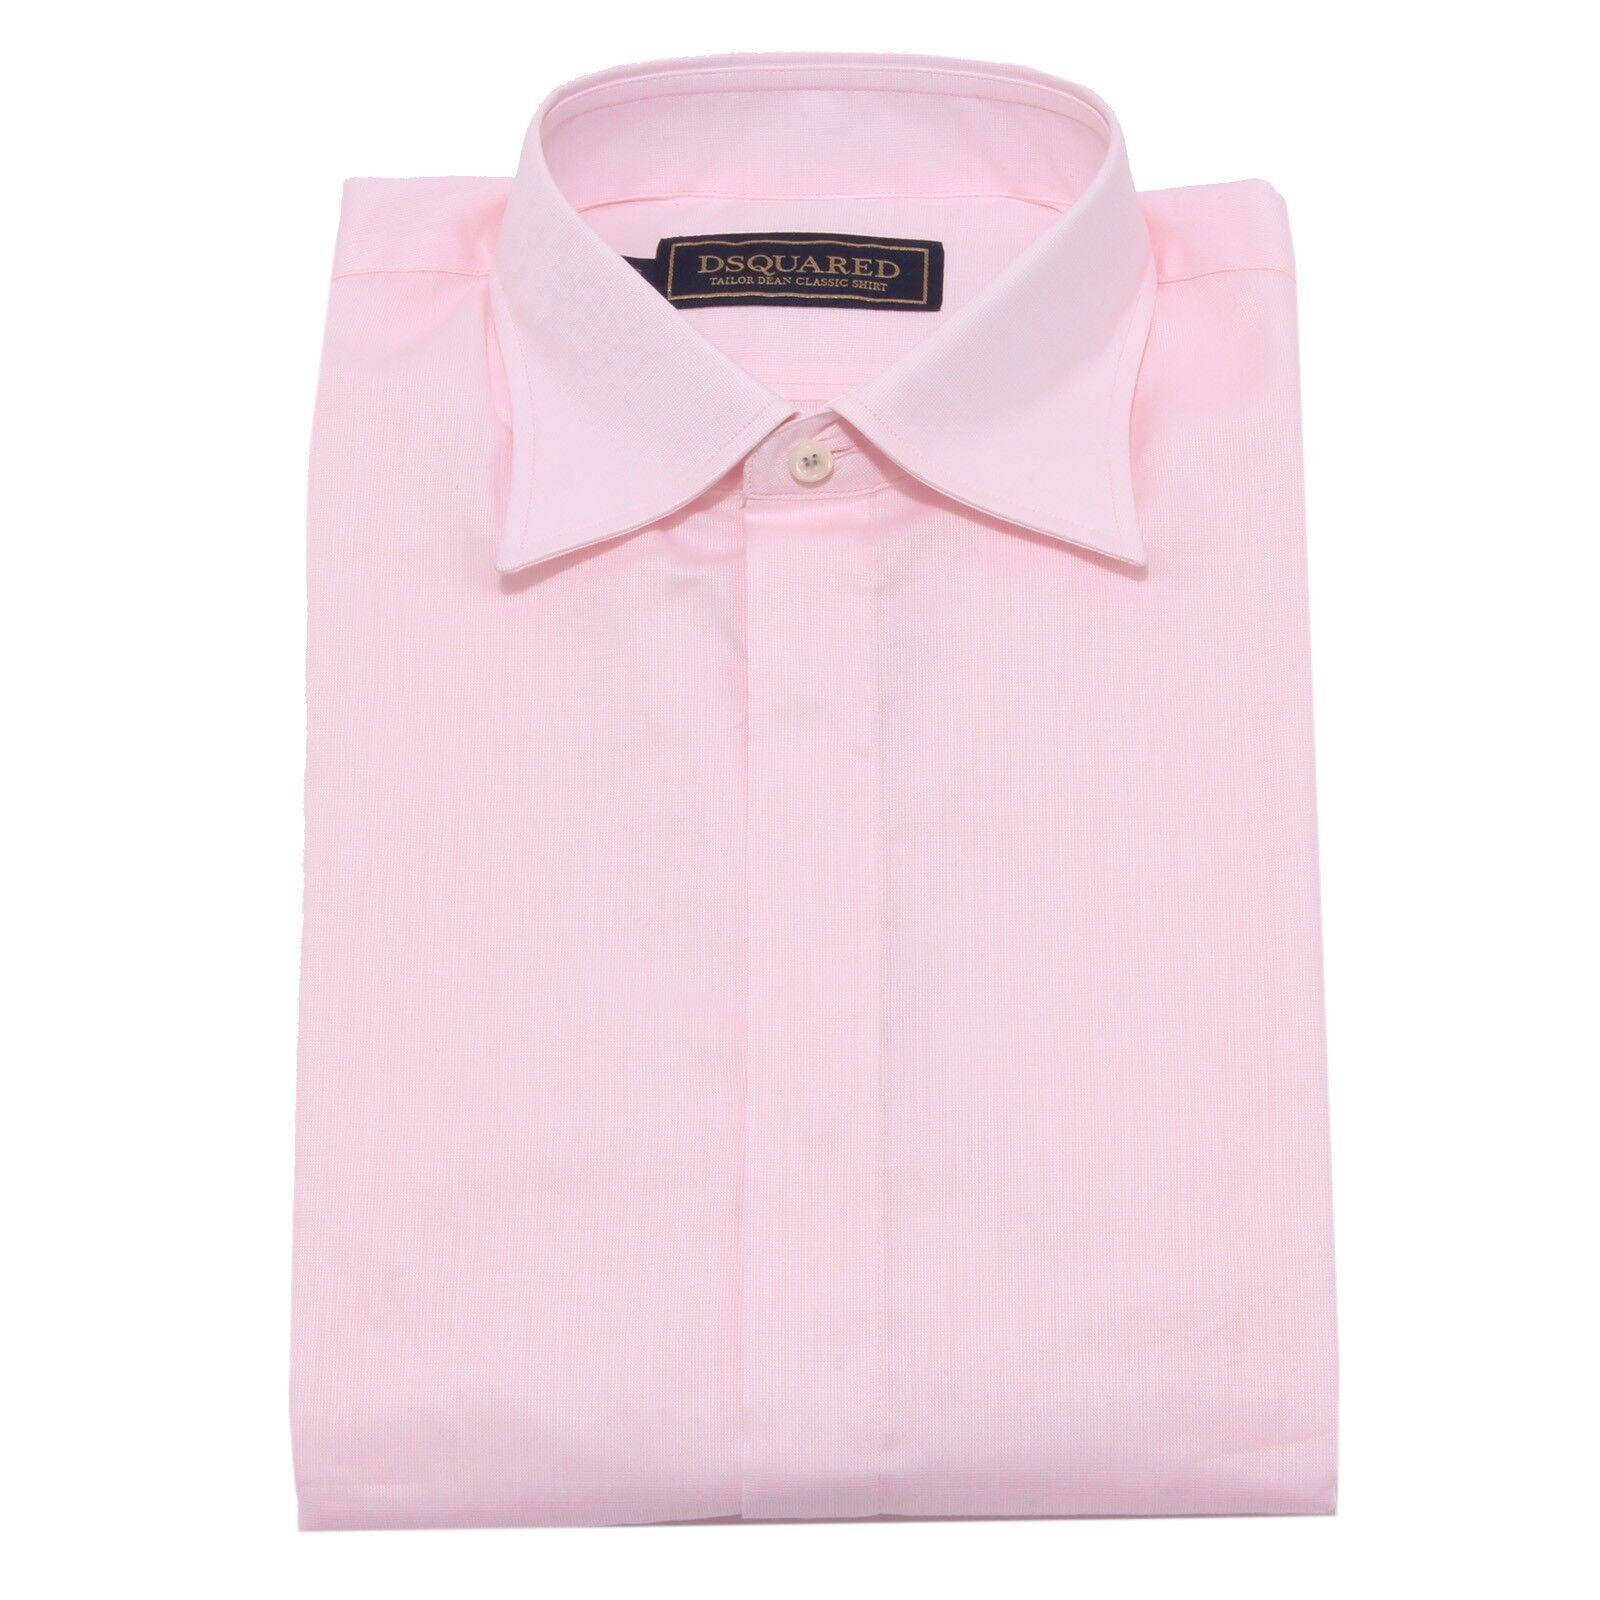 4874W camicia uomo DSQUARED TAILOR DEAN CLASSIC rosa shirt men